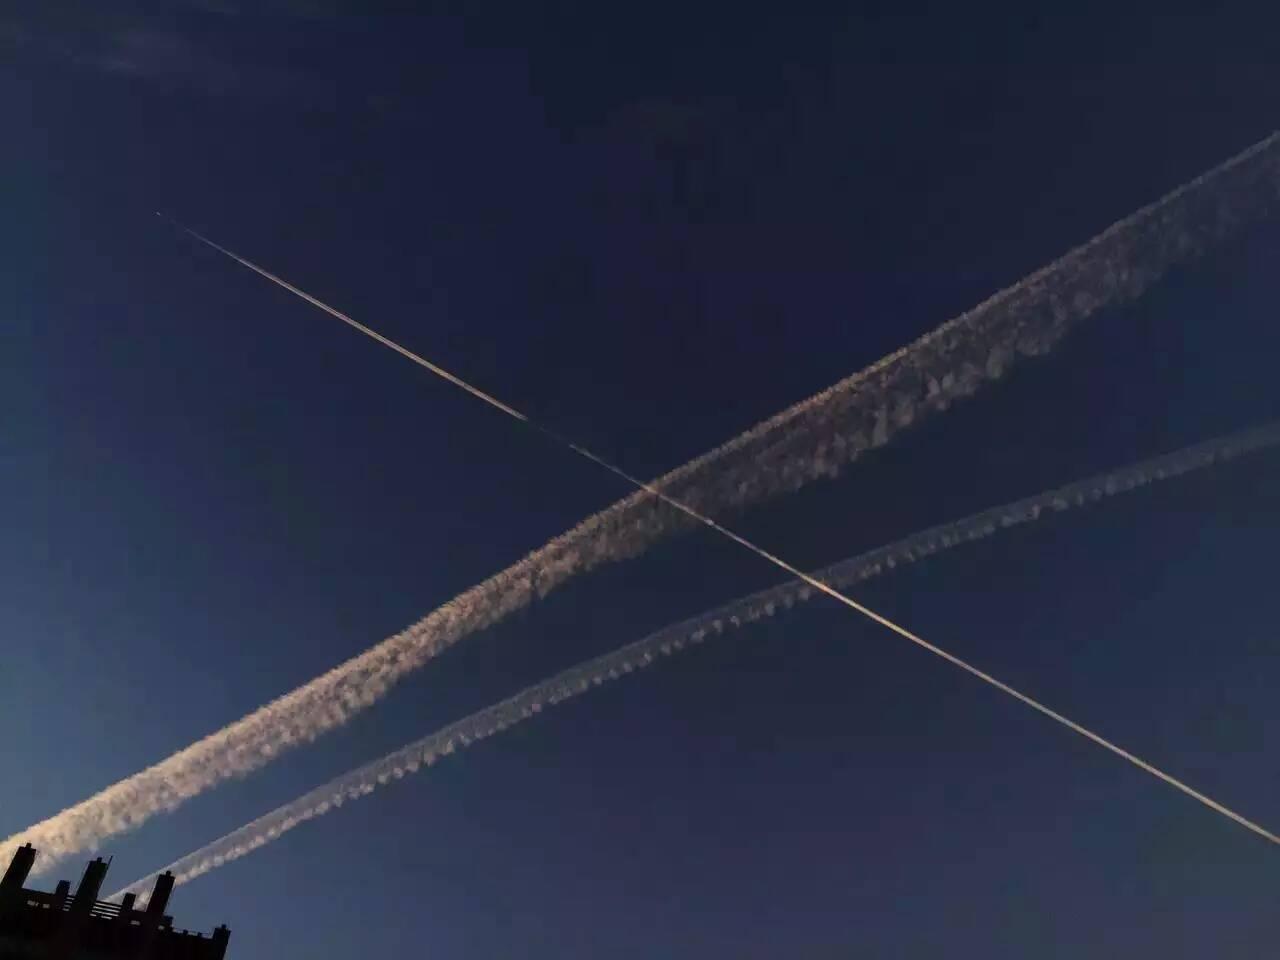 美丽的飞机云线划过天空